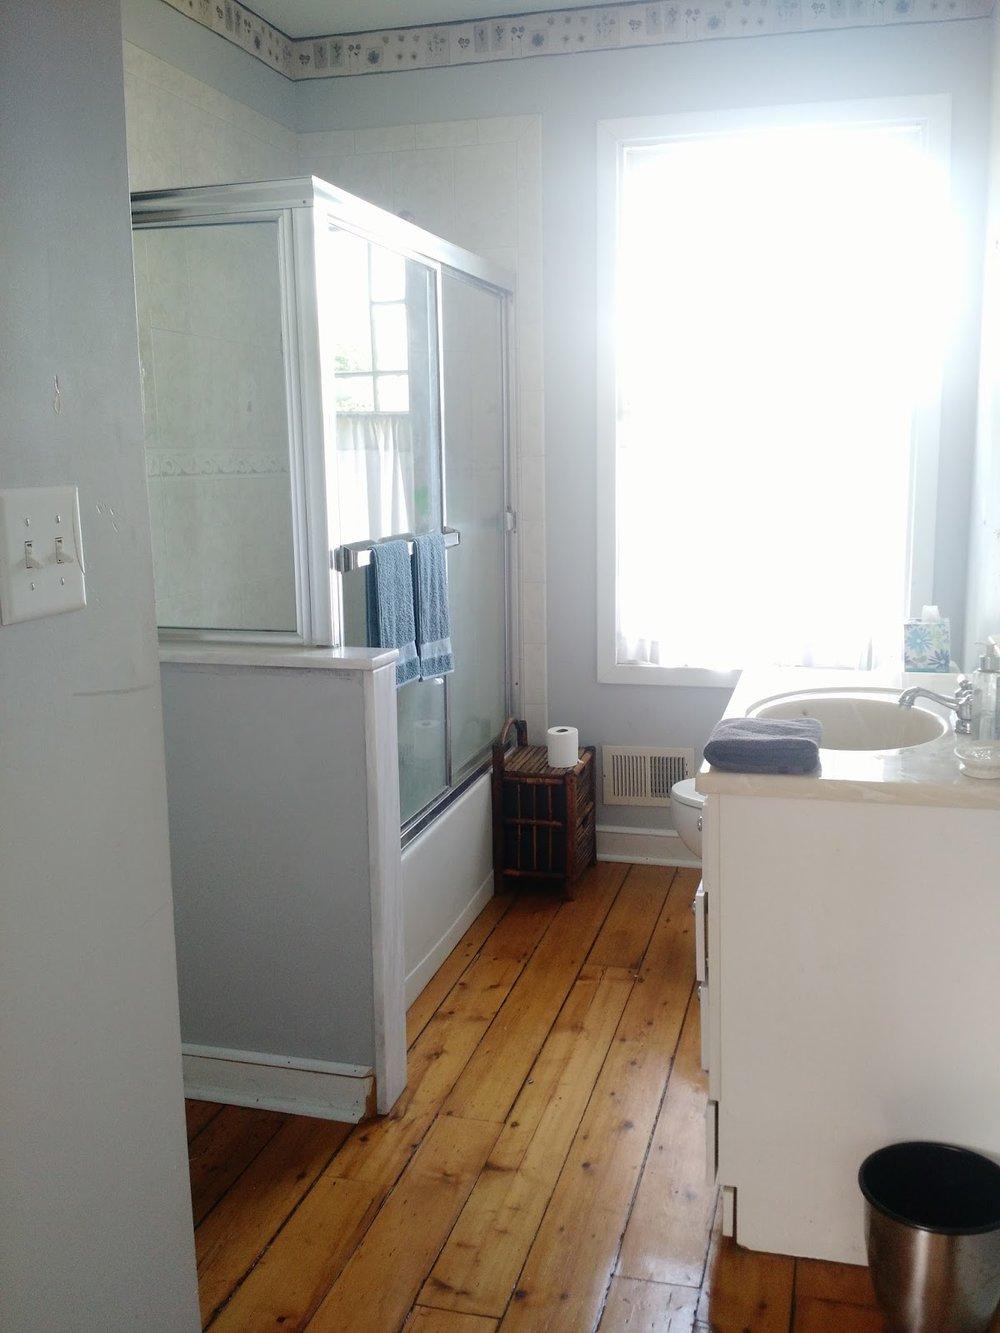 guest room 2 bathroom before.jpg